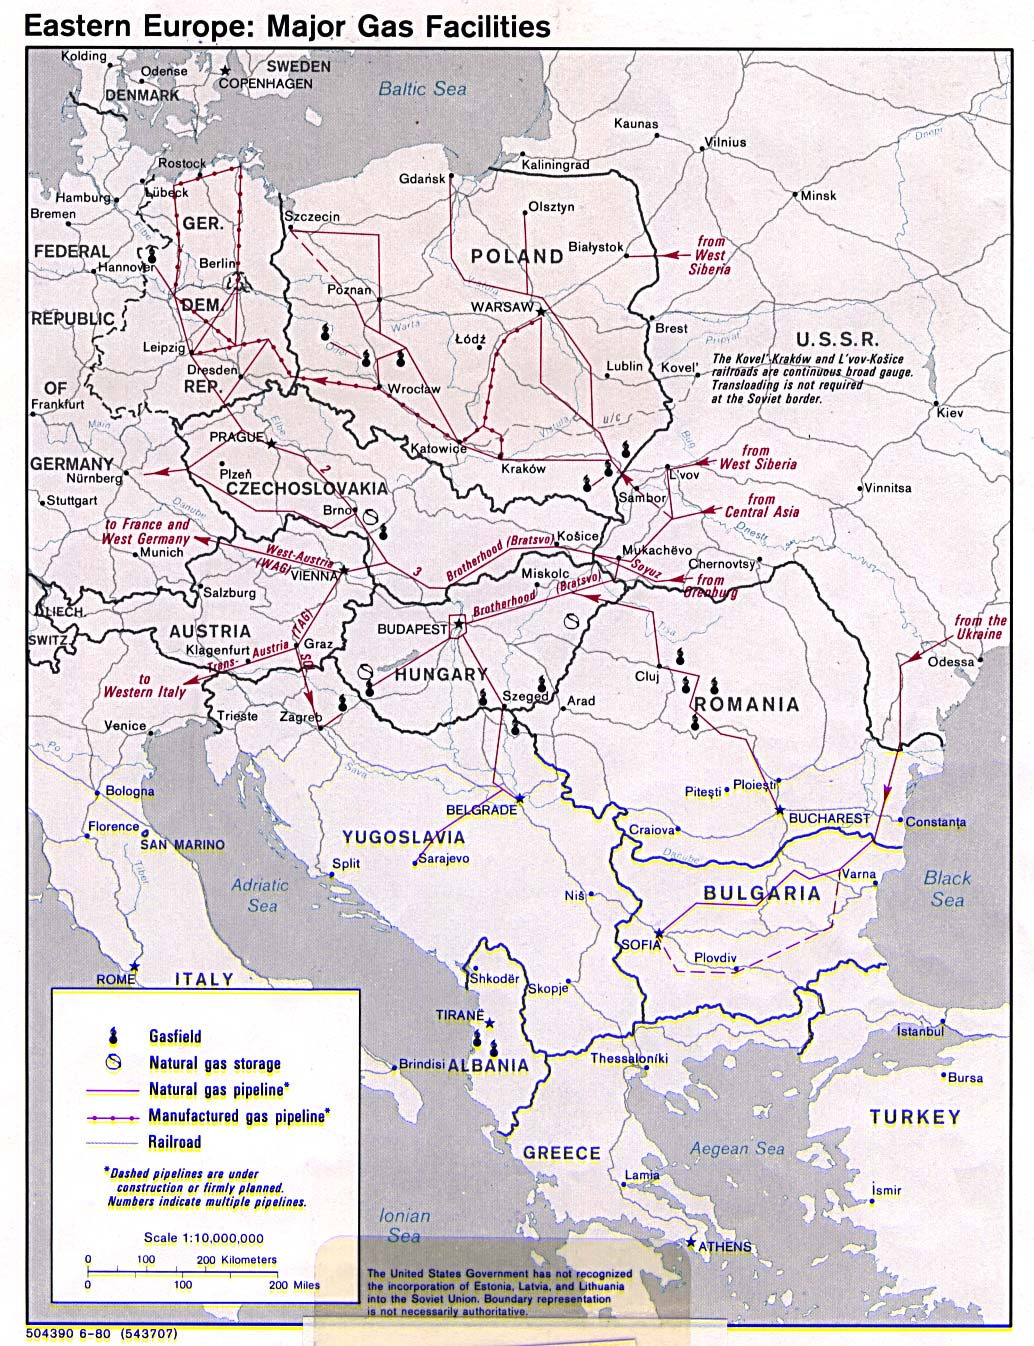 Principales Instalaciones Gasiferas de Europa Oriental 1980